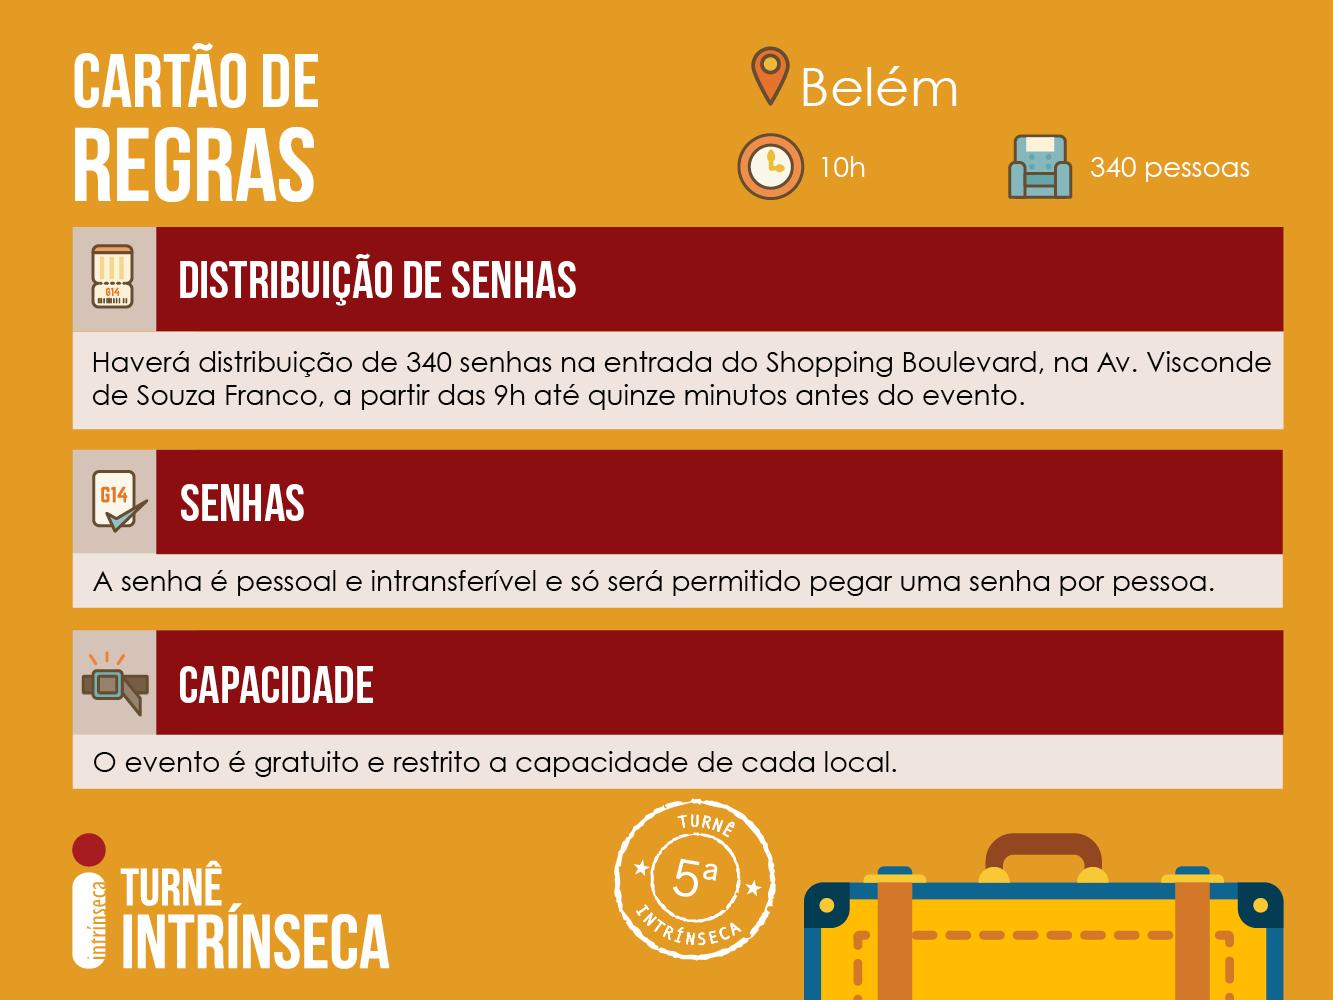 Regras_5aTurne_Belém